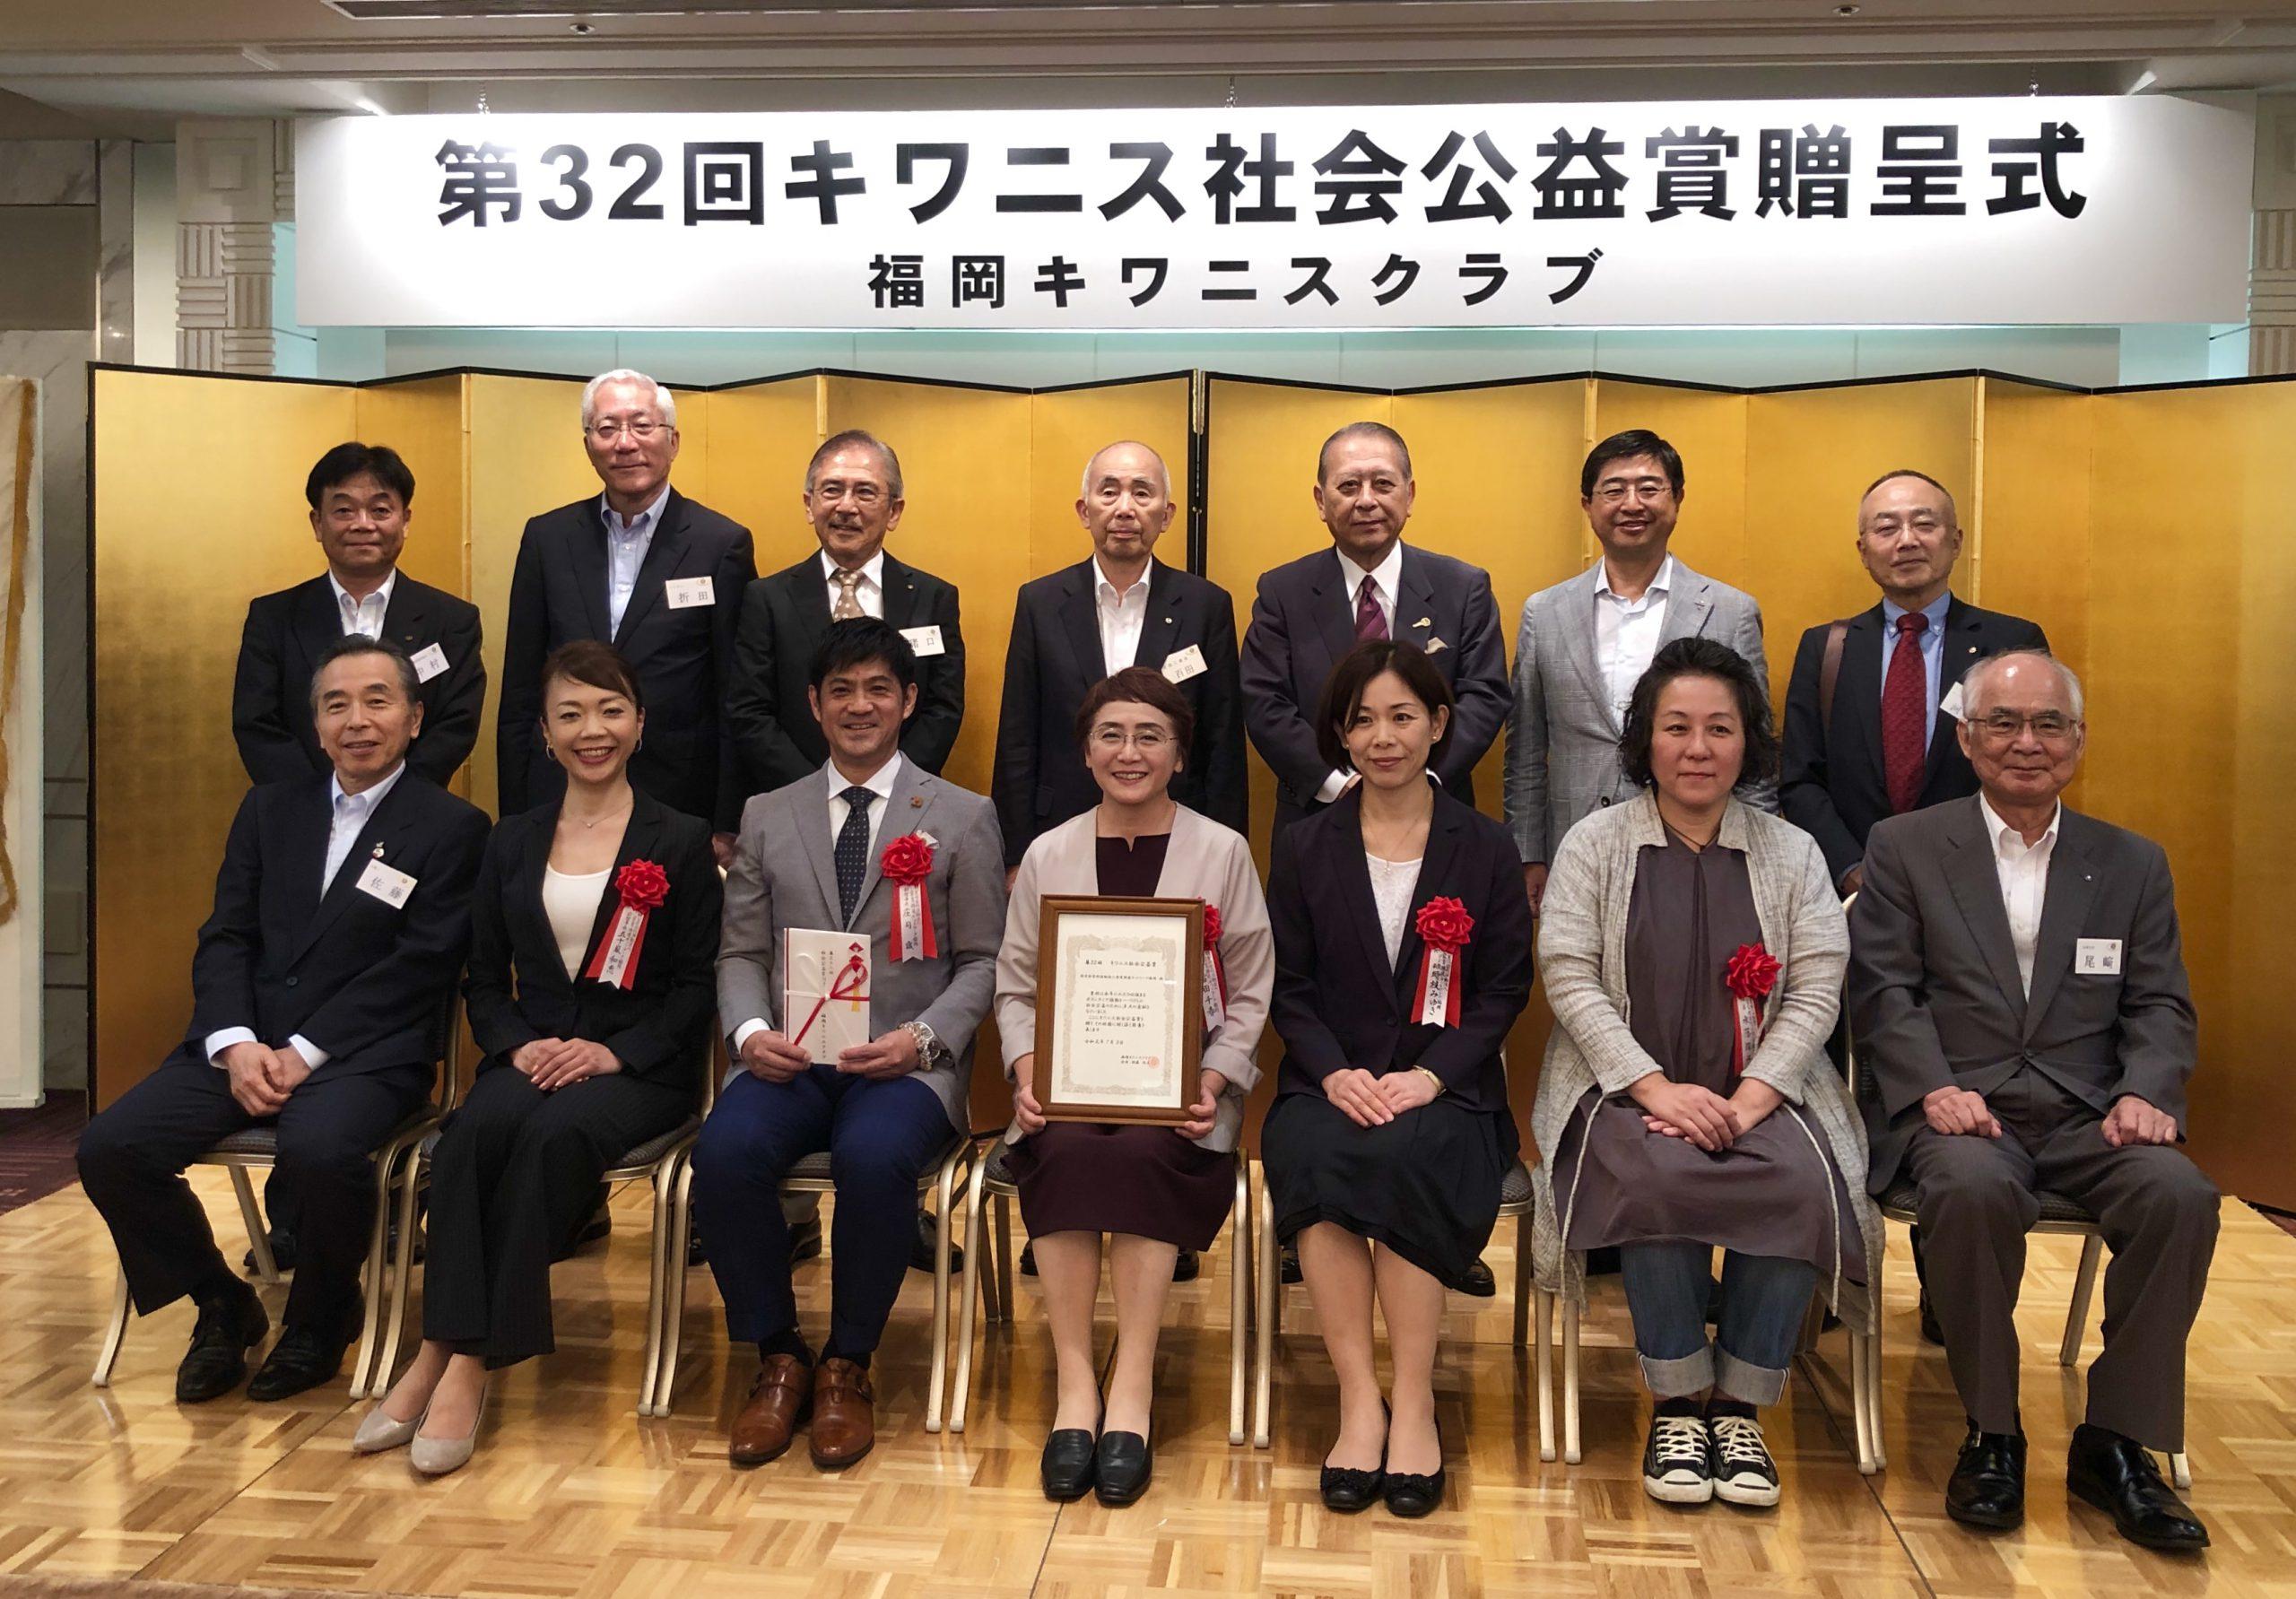 社会公益賞の贈呈